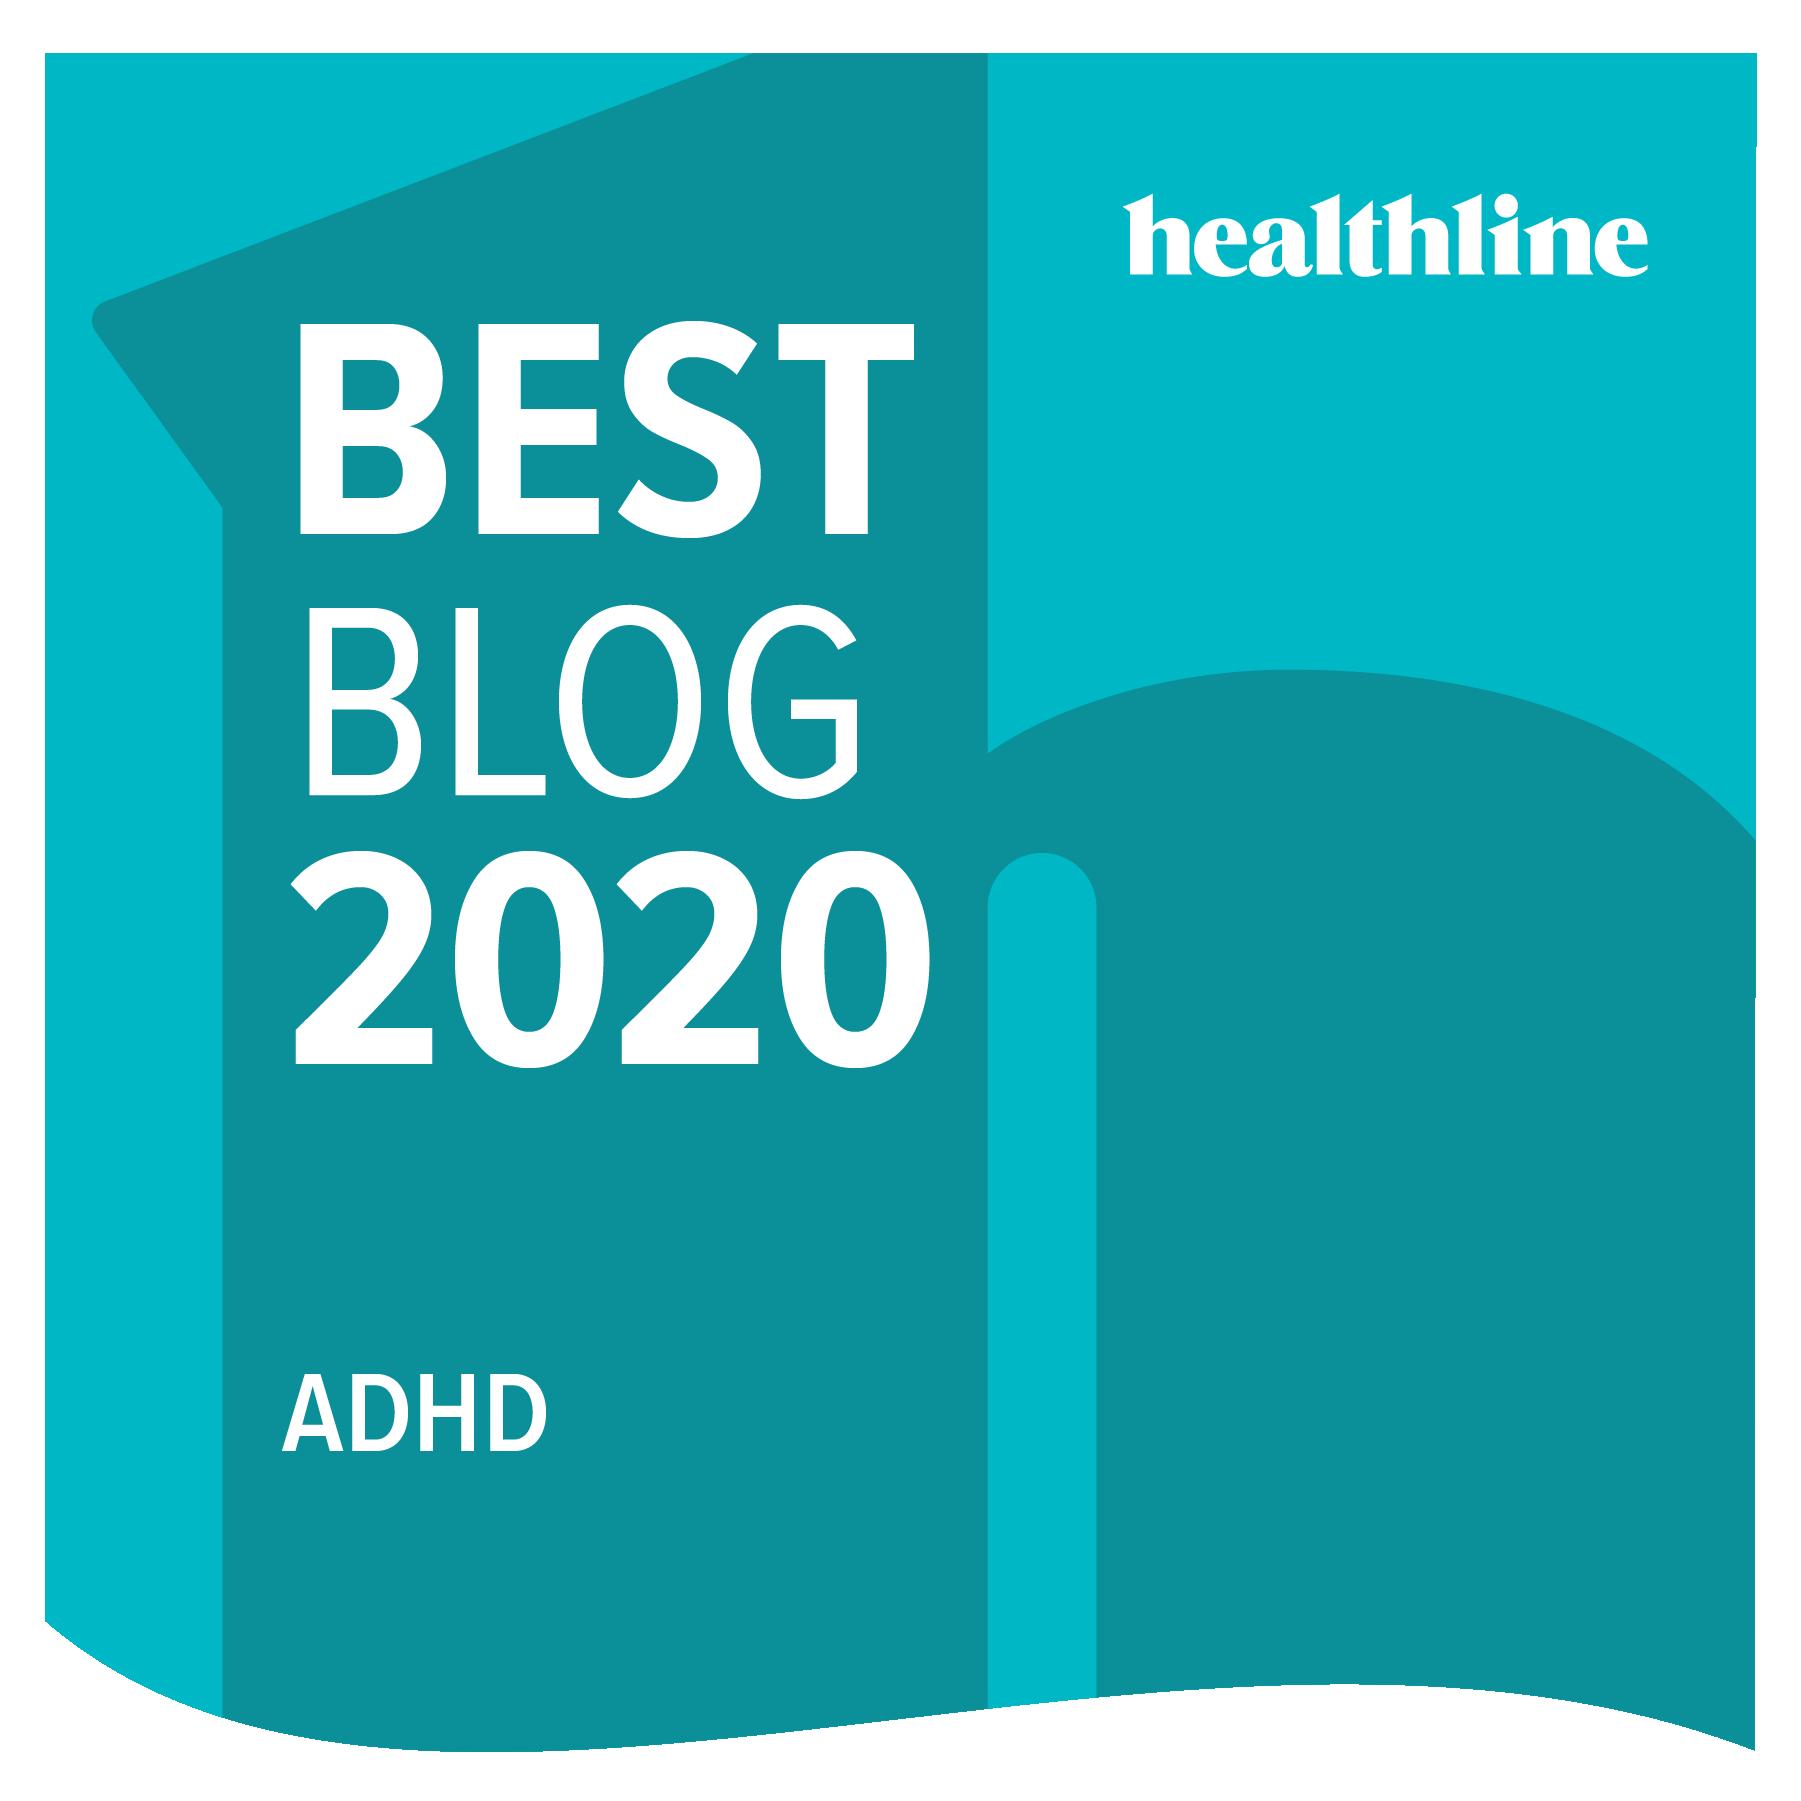 Healthline 2020